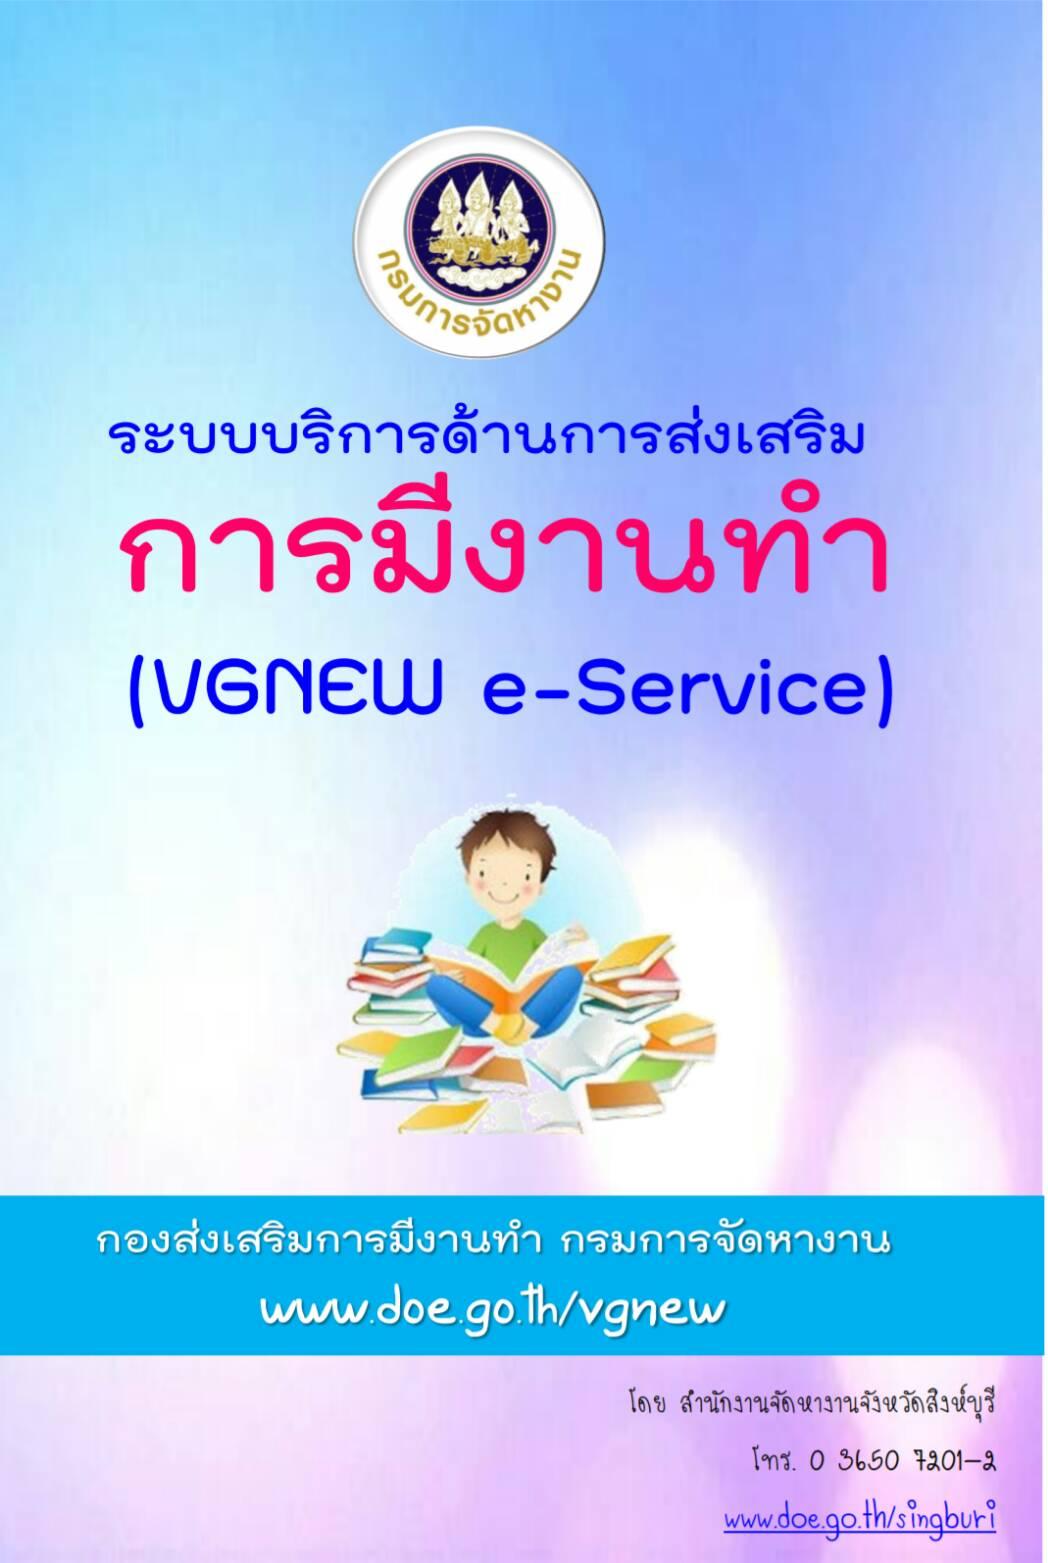 คู่มือการใช้ระบบบริการด้านการส่งเสริมการมีงานทำ (VGNEW e-Service)